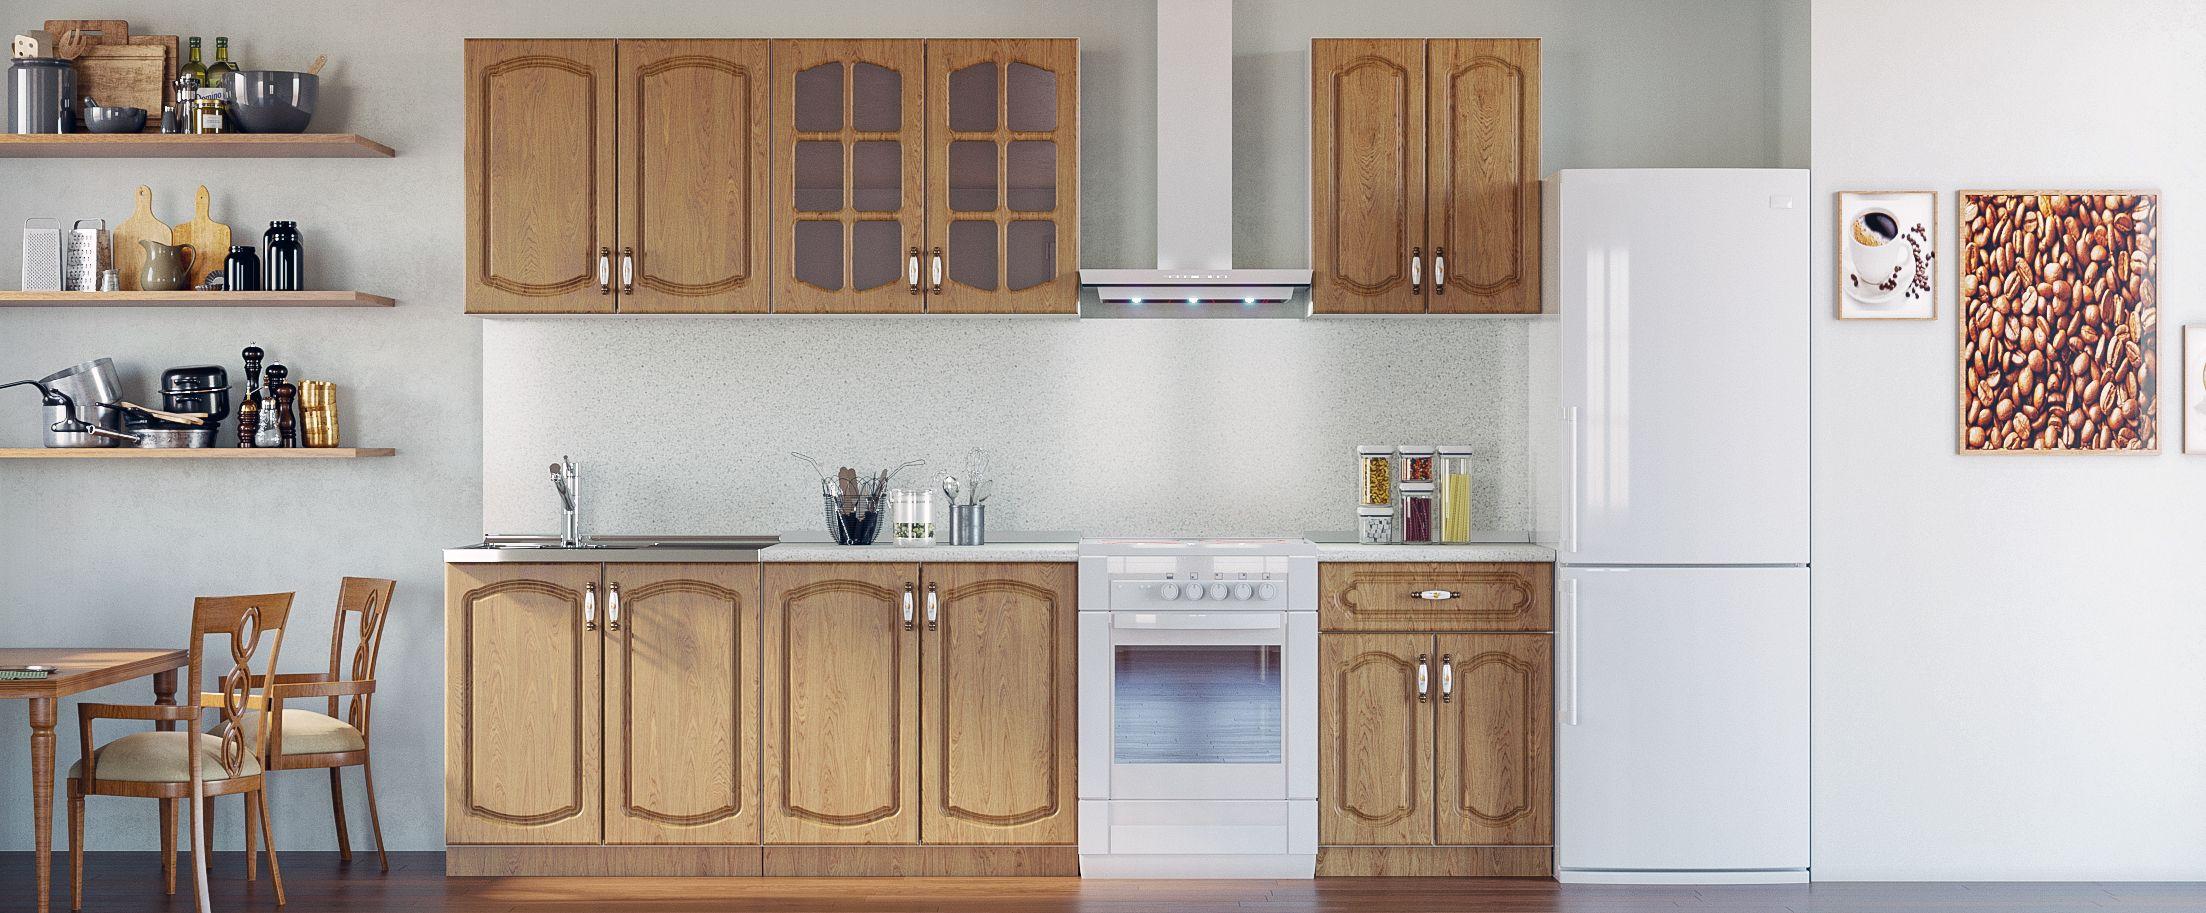 Кухня Дуб натуральный 2,2 мКупить удобный и практичный набор кухонного гарнитура в интернет магазине MOON TRADE. Быстрая доставка, вынос упаковки, гарантия! Выгодная покупка!<br>